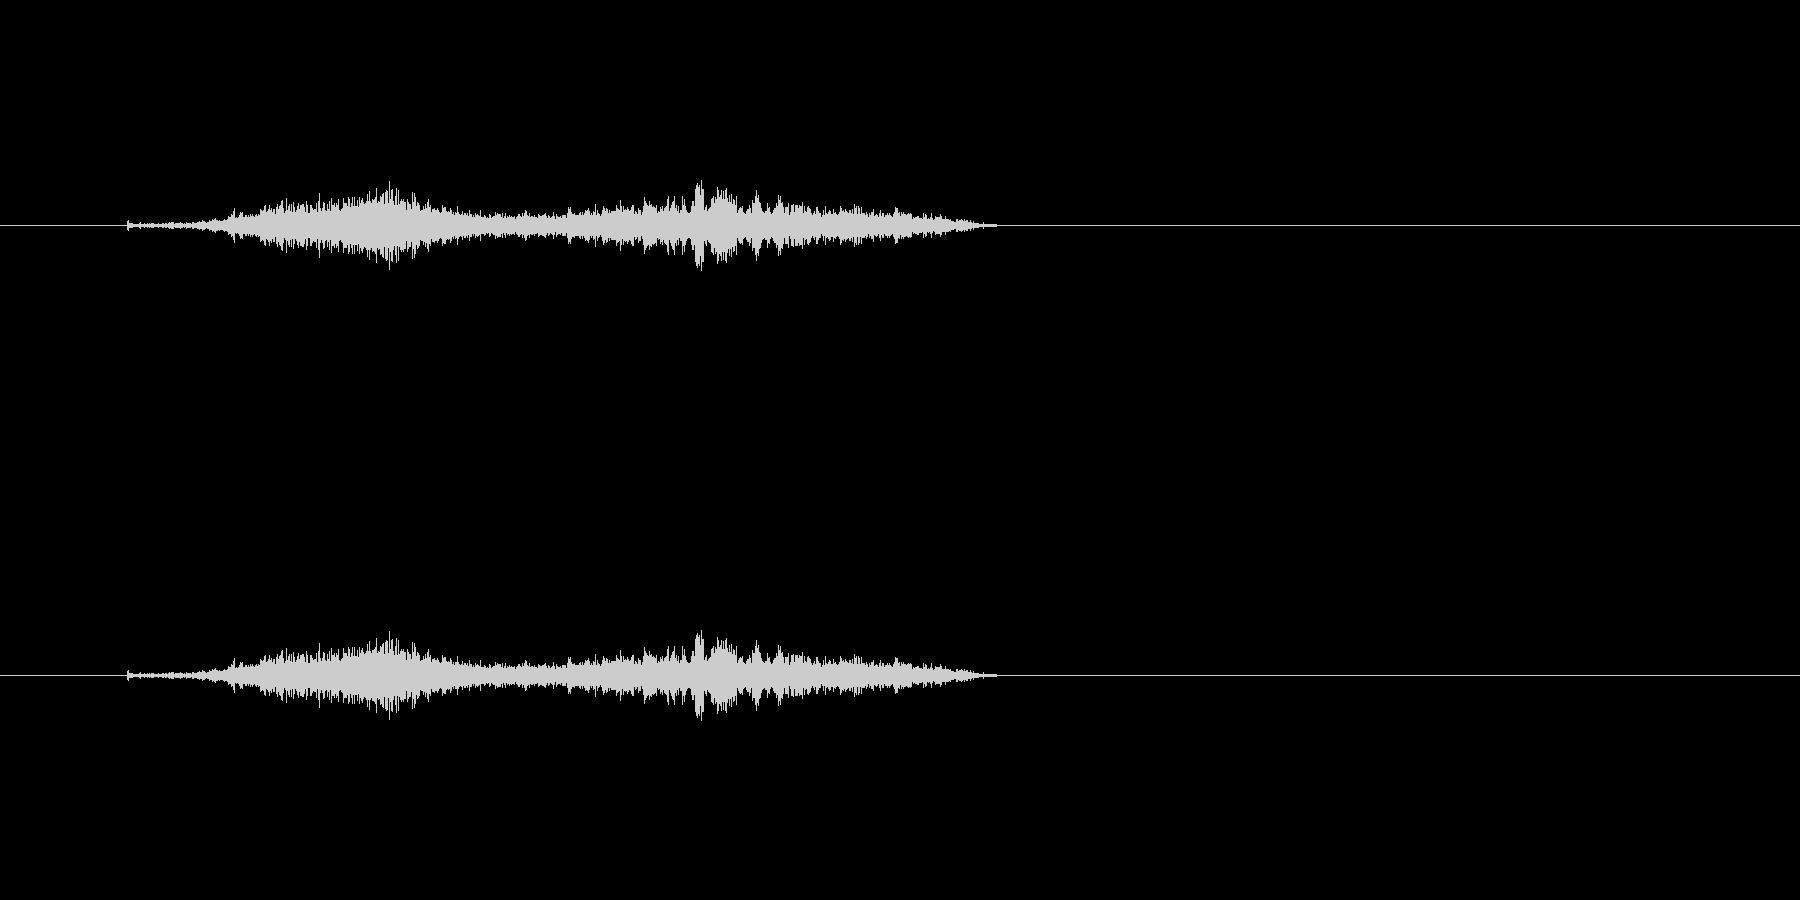 【シャープペン01-06(丸)】の未再生の波形